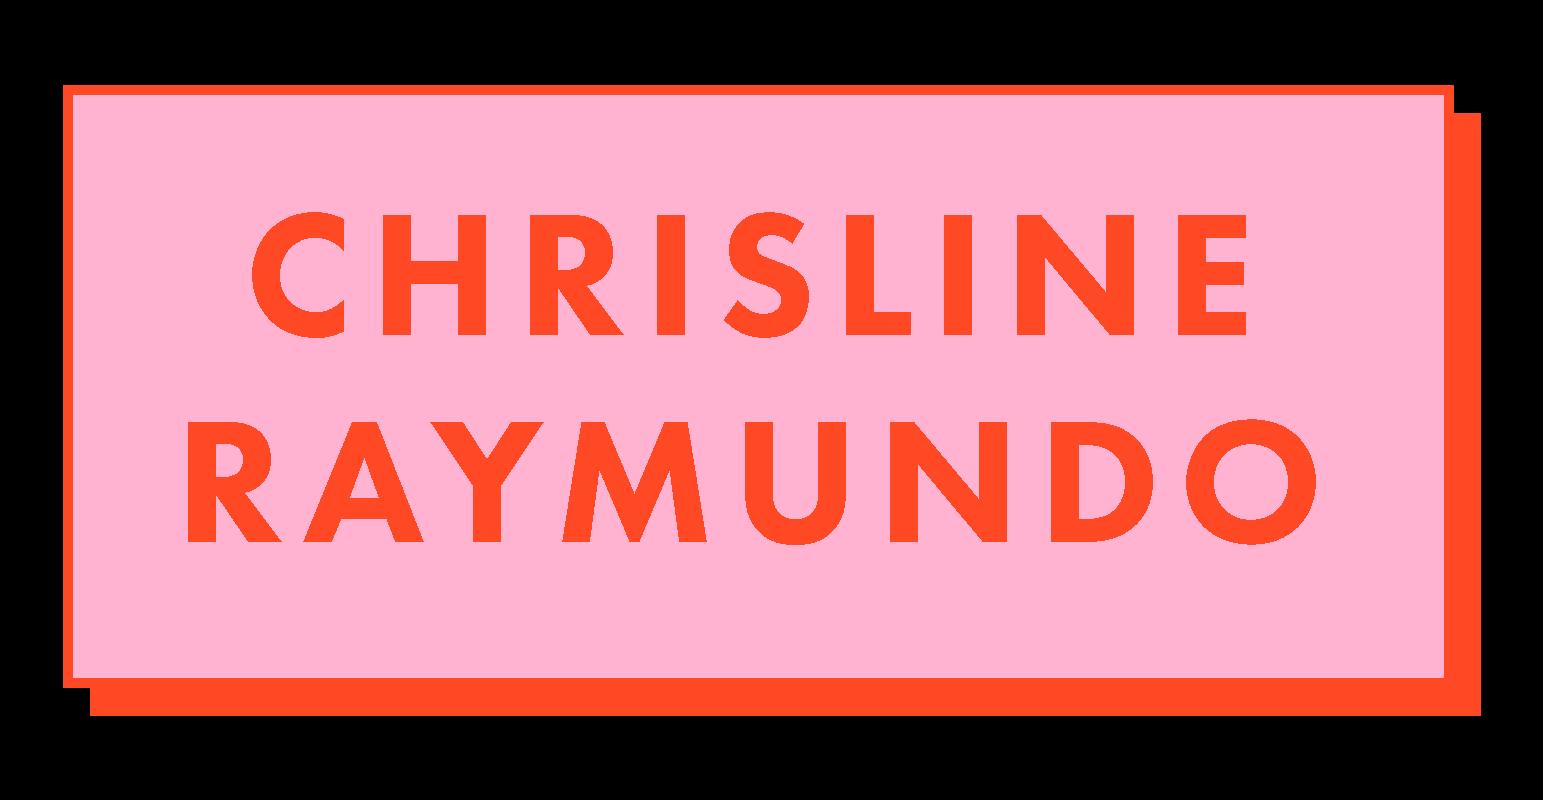 Chrisline Raymundo